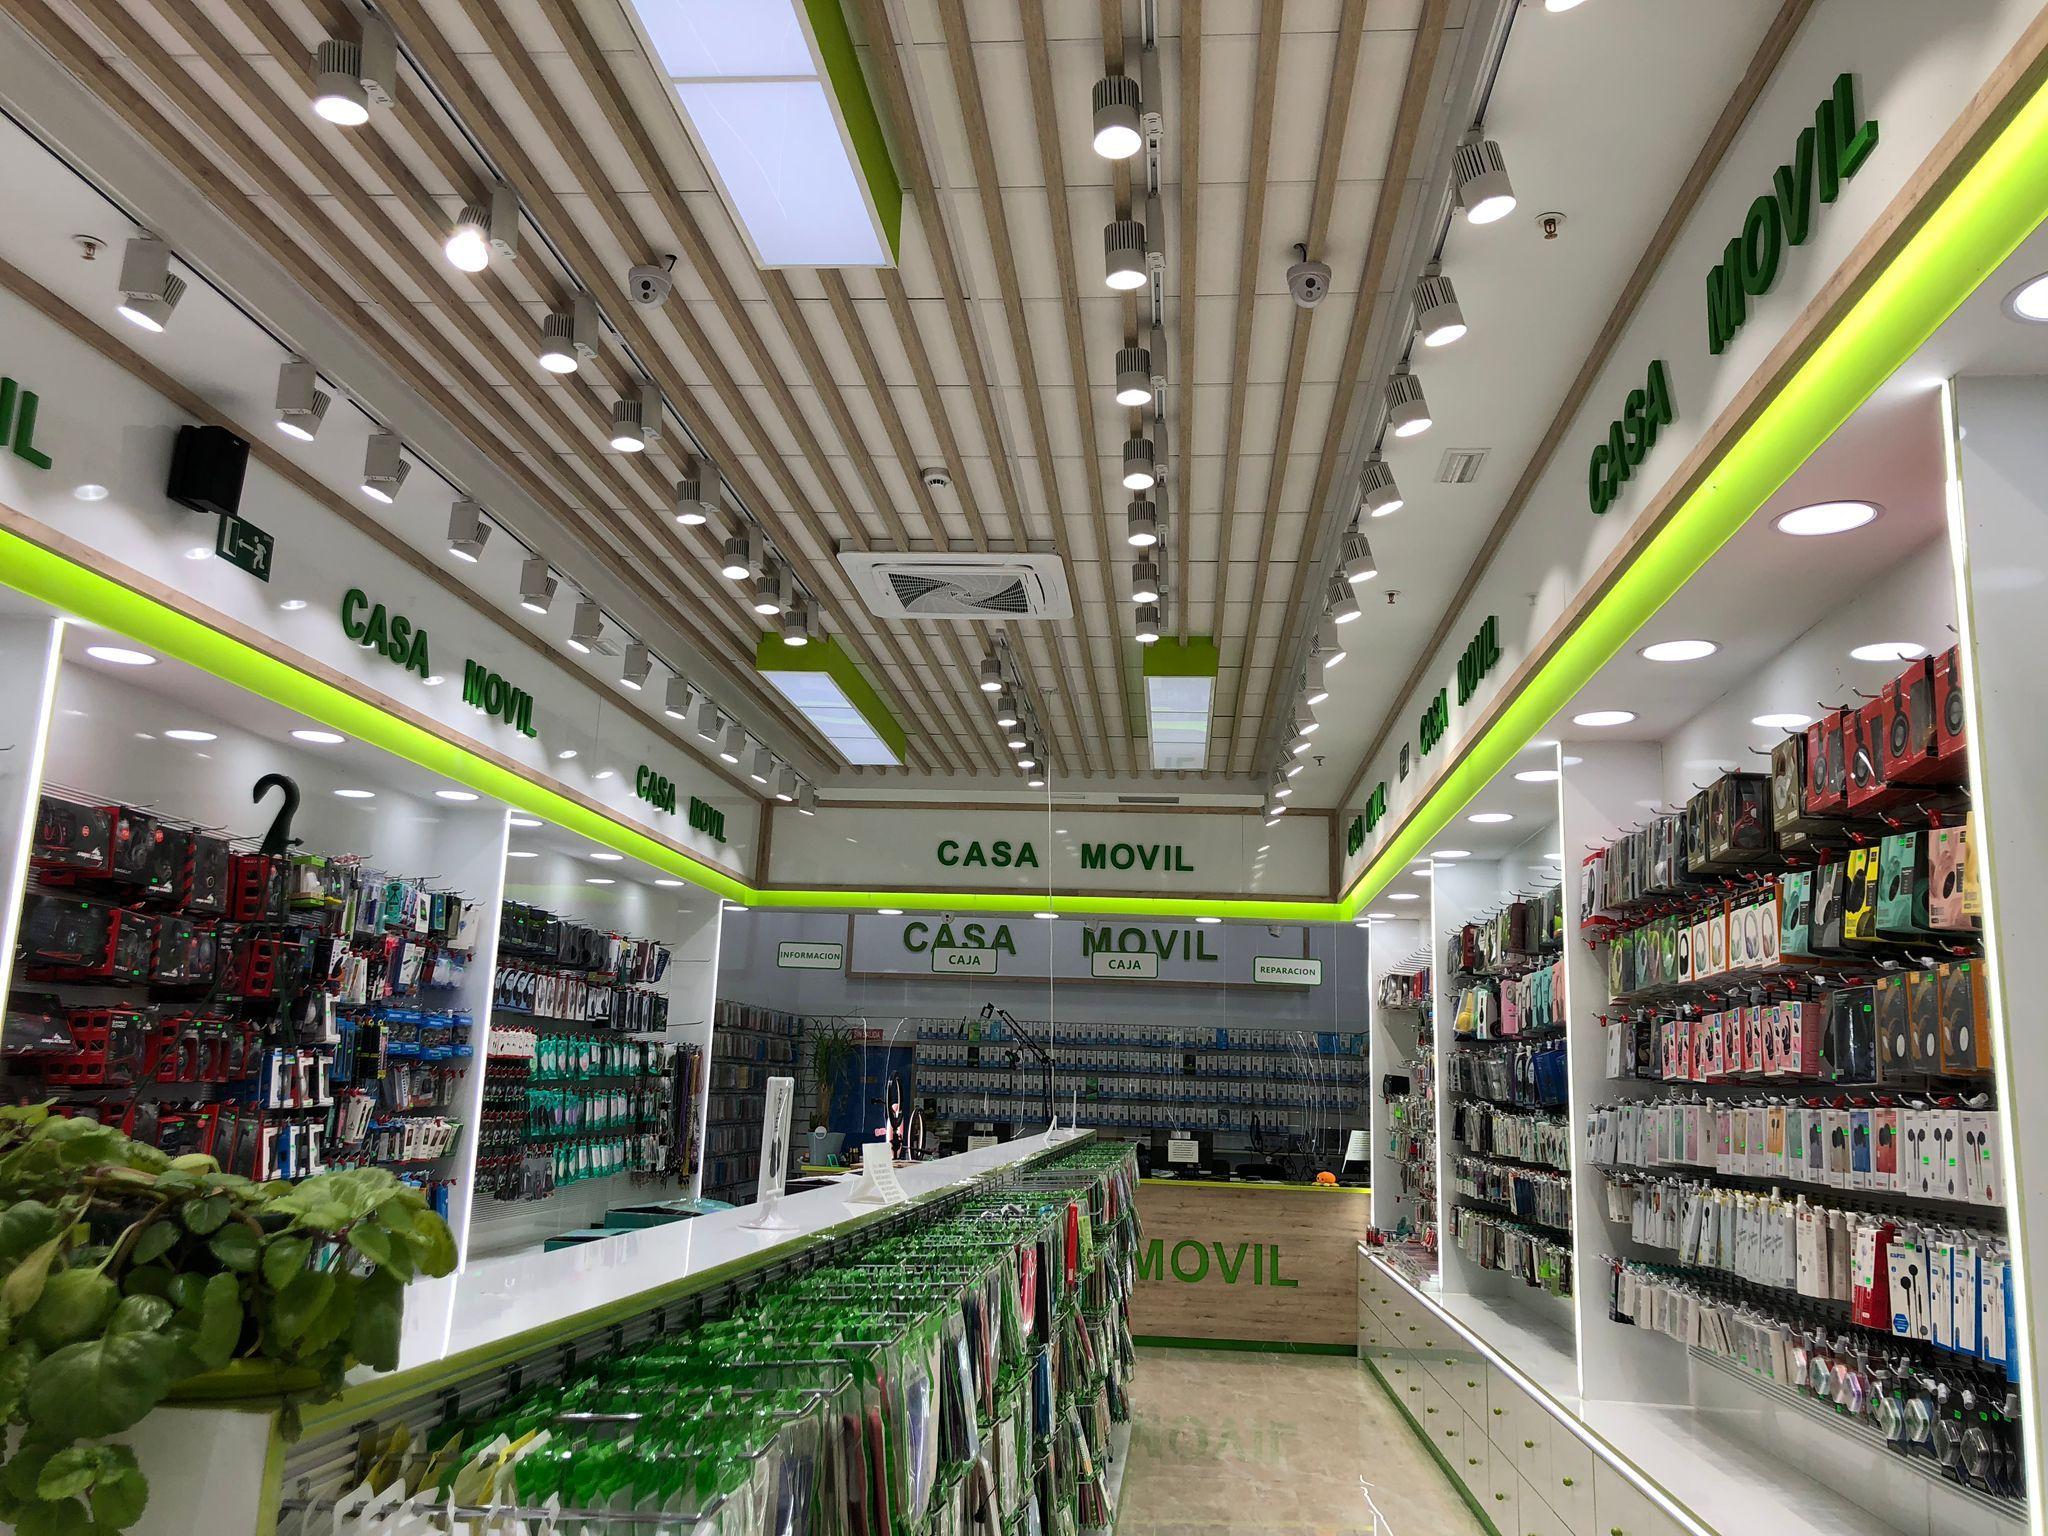 Foto 10 de Accesorios para móviles en Madrid | Casamóvil